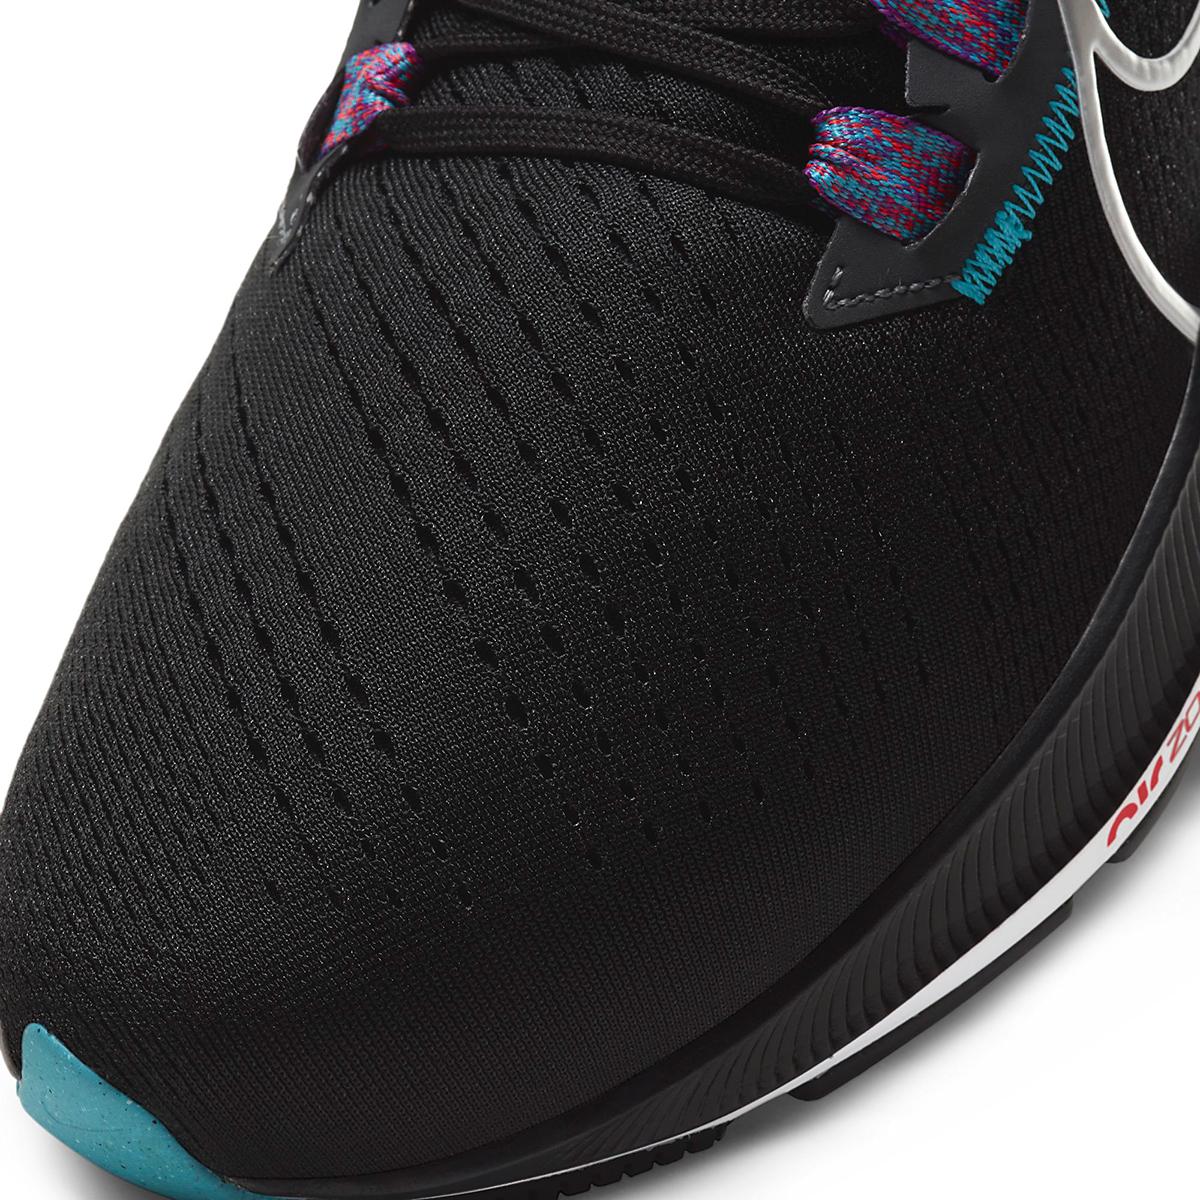 Men's Nike Air Zoom Pegasus 38 Running Shoe - Color: Black/Metallic Silver/White - Size: 6.5 - Width: Regular, Black/Metallic Silver/White, large, image 4